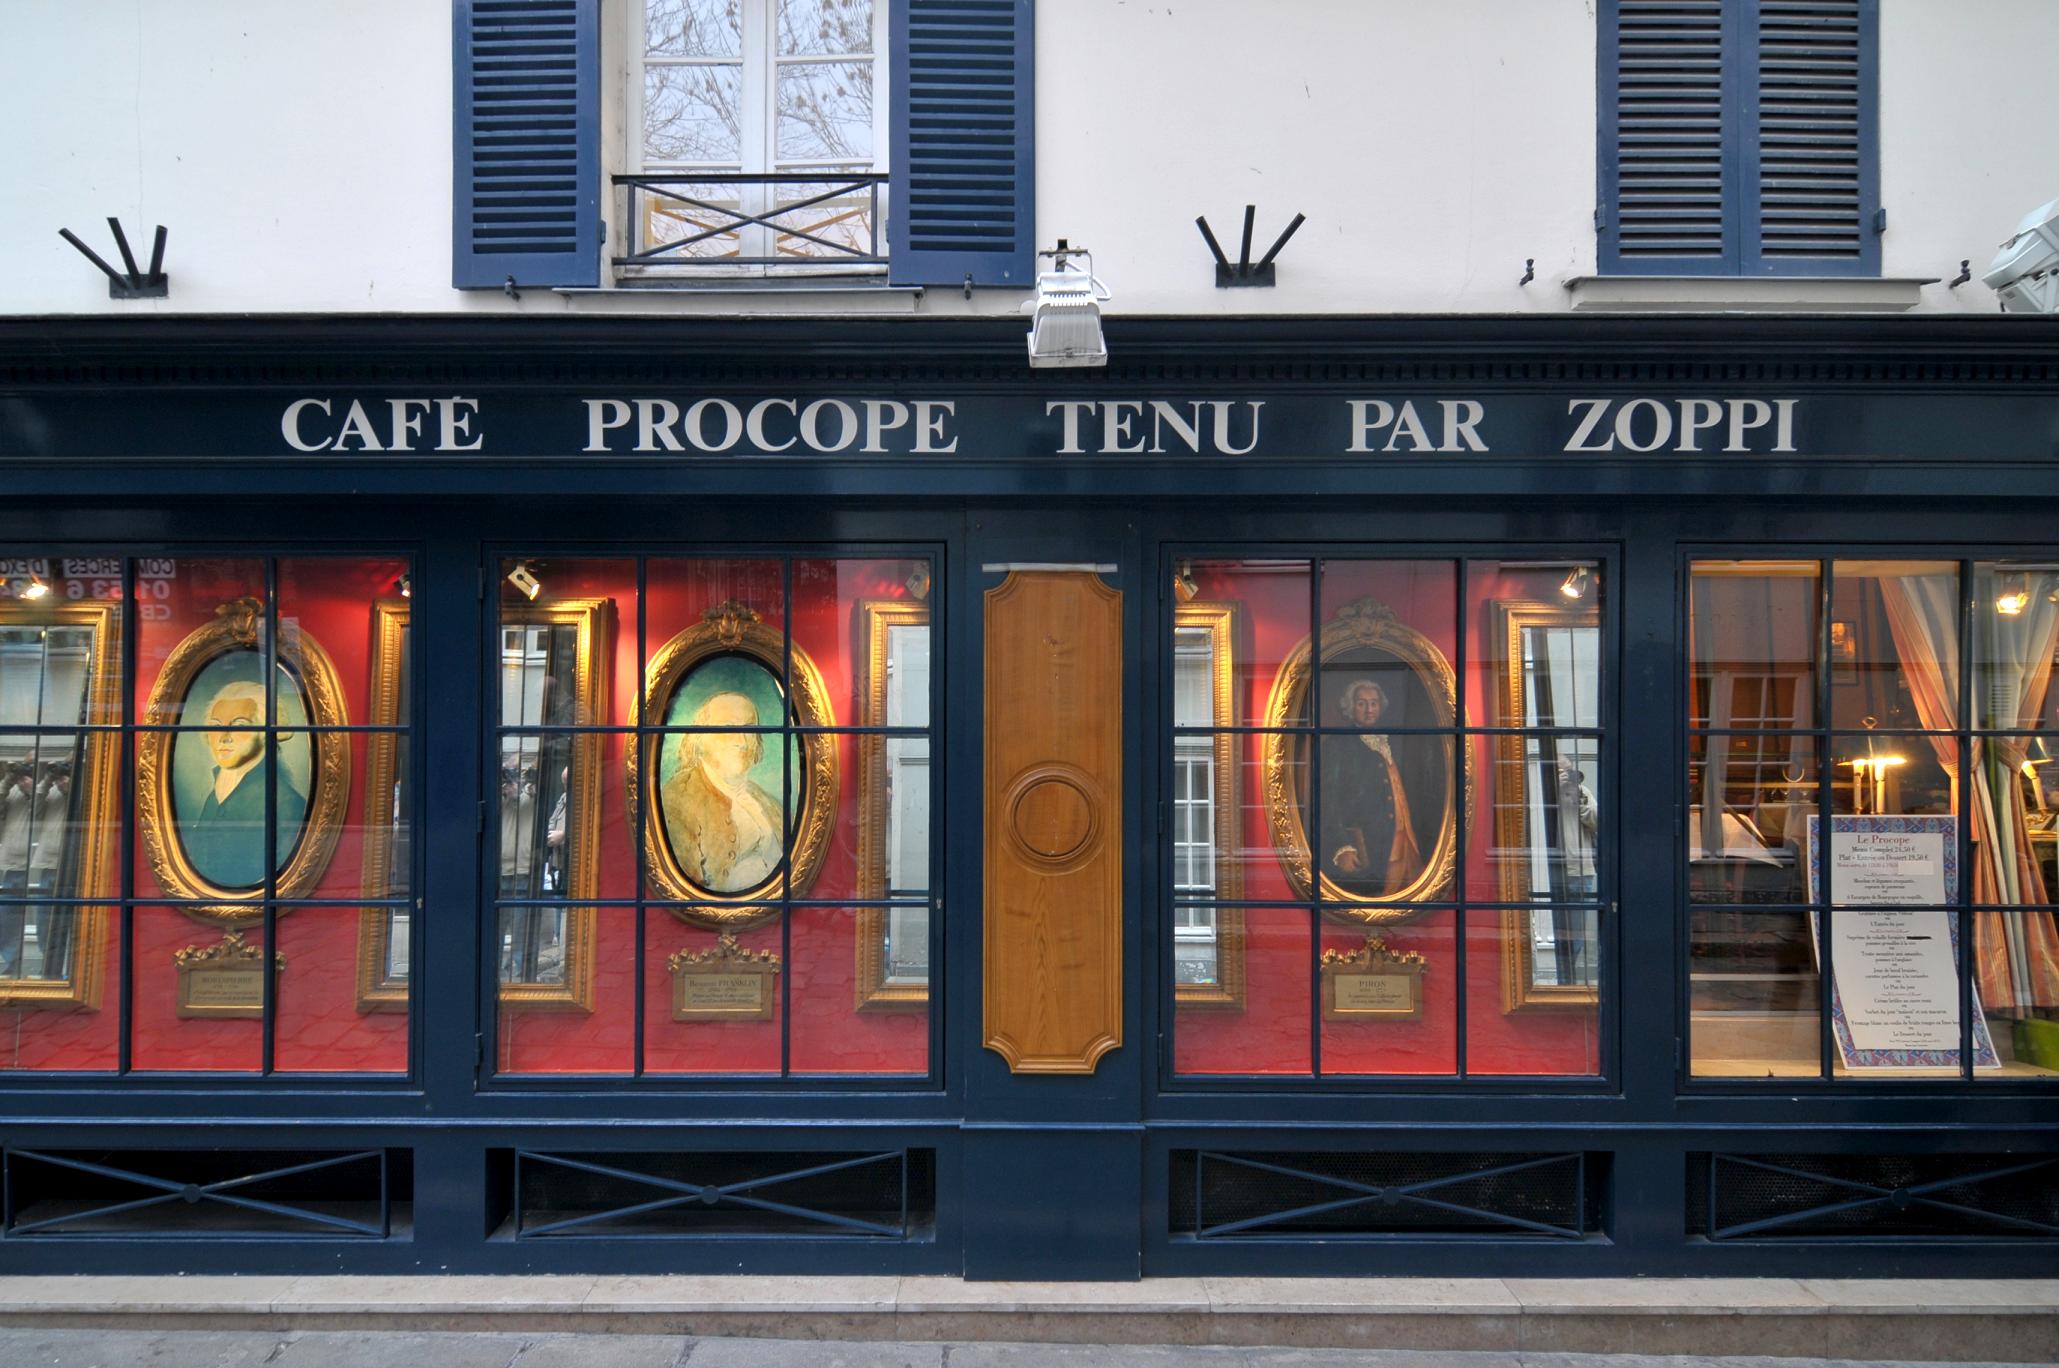 کافه پروکوپ، پاریس